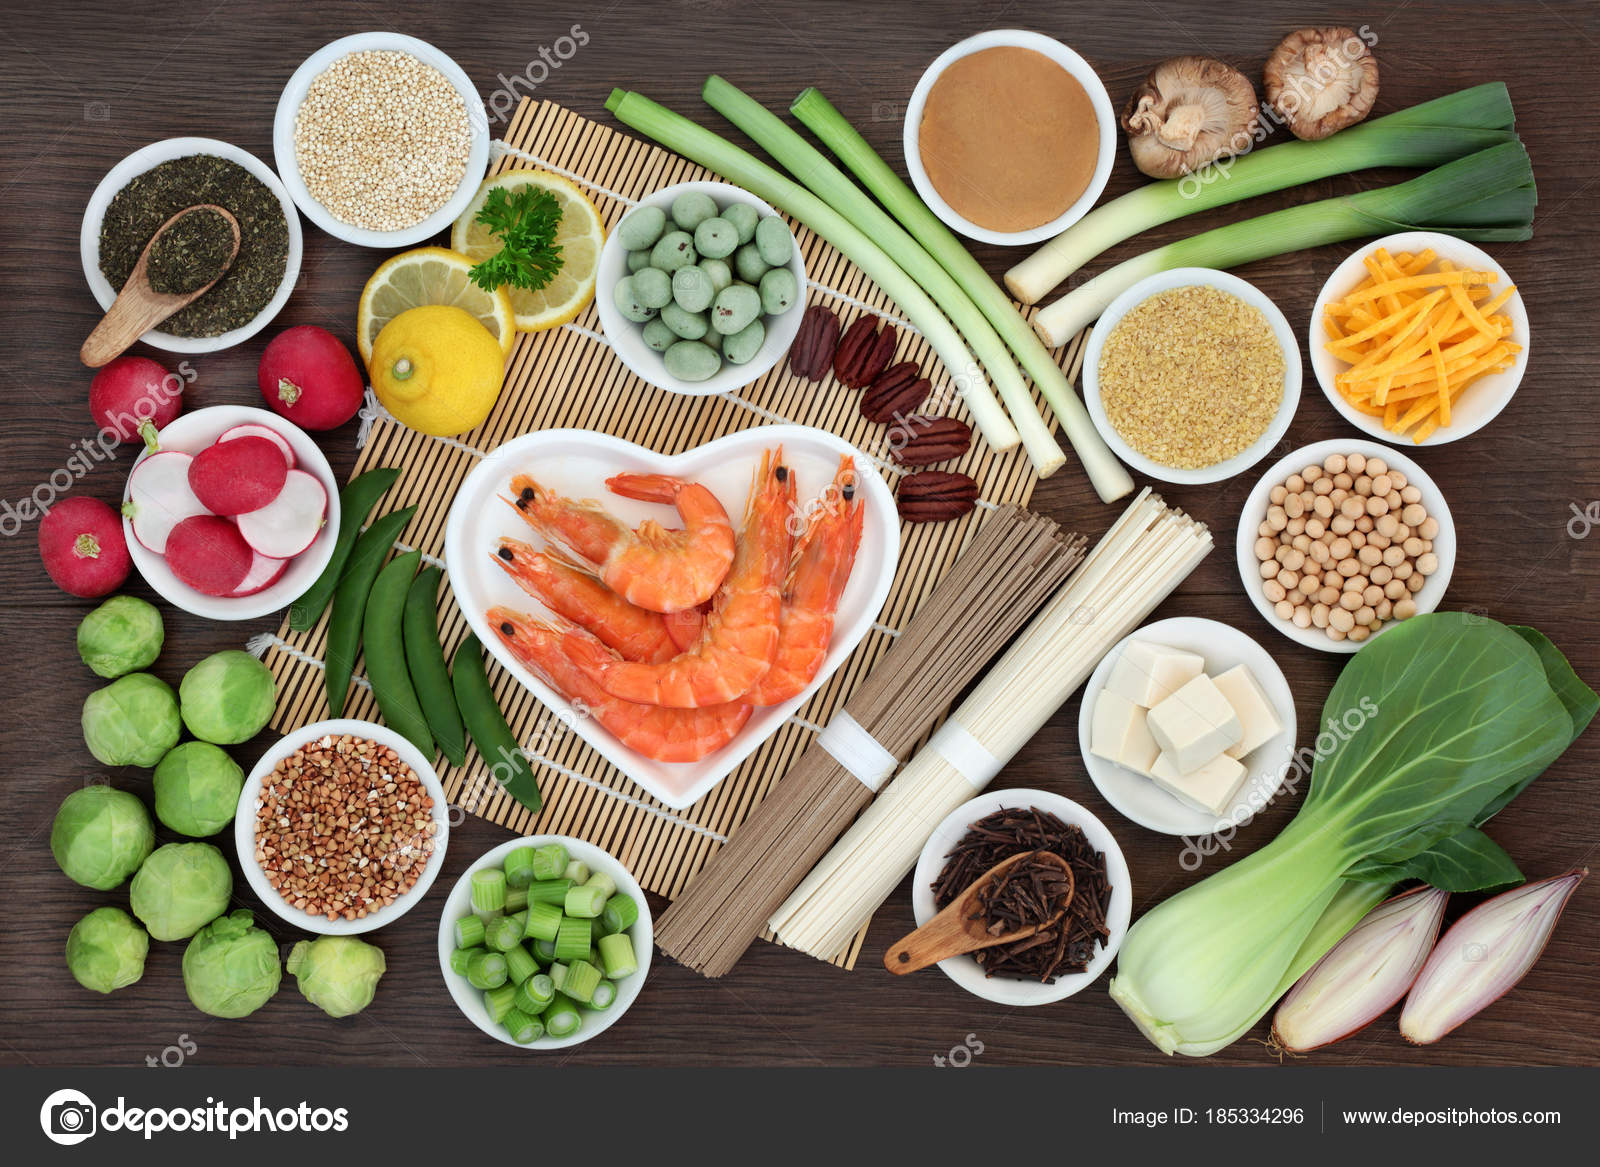 macrobiotic diet svenska